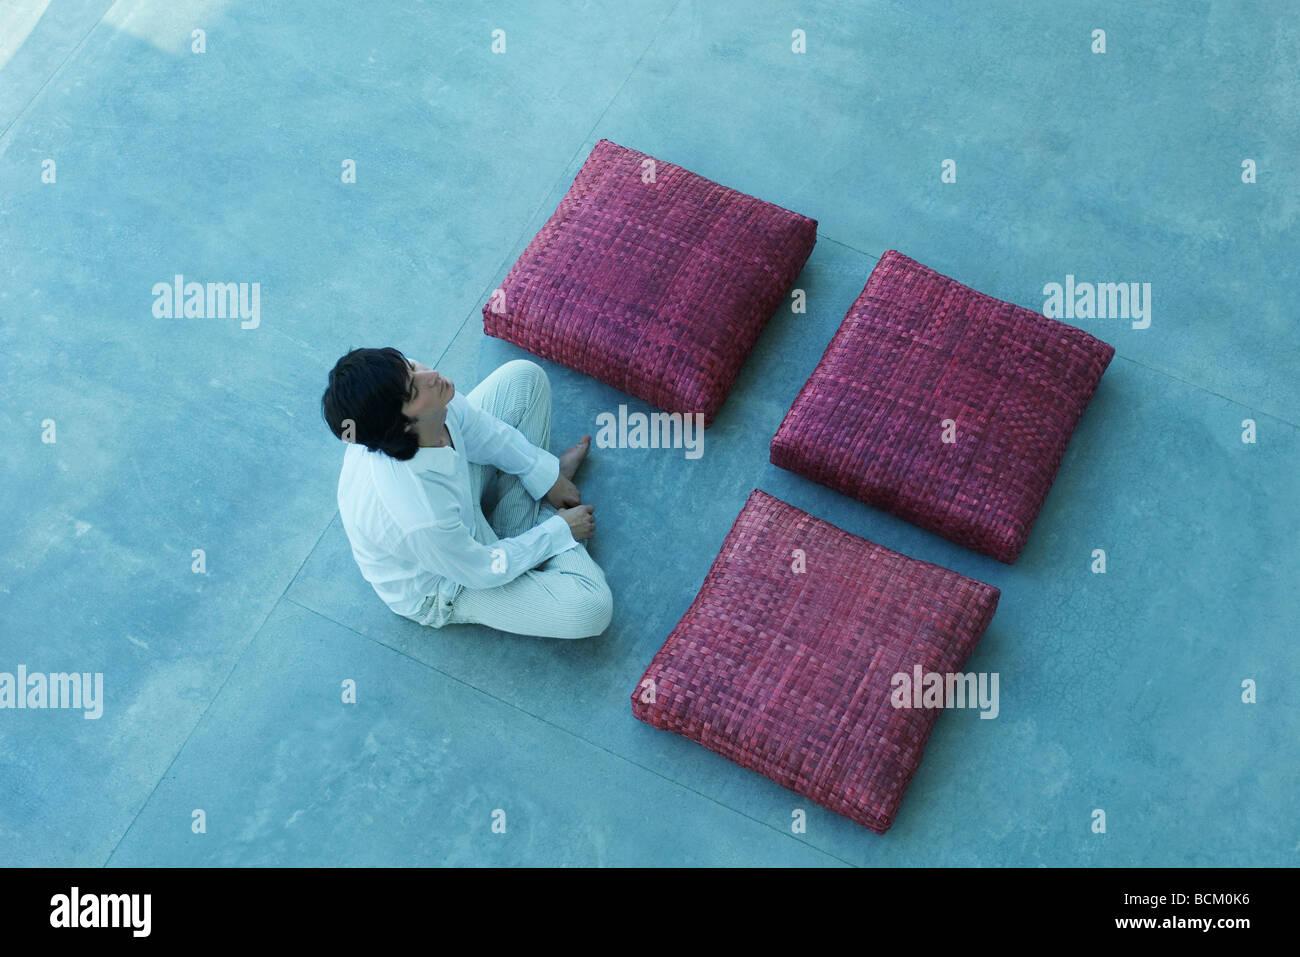 Drei quadratische Kissen und Mann angeordnet in quadratische Form, Mann, Beine, Augen, erhöhte Ansicht schließen Stockbild